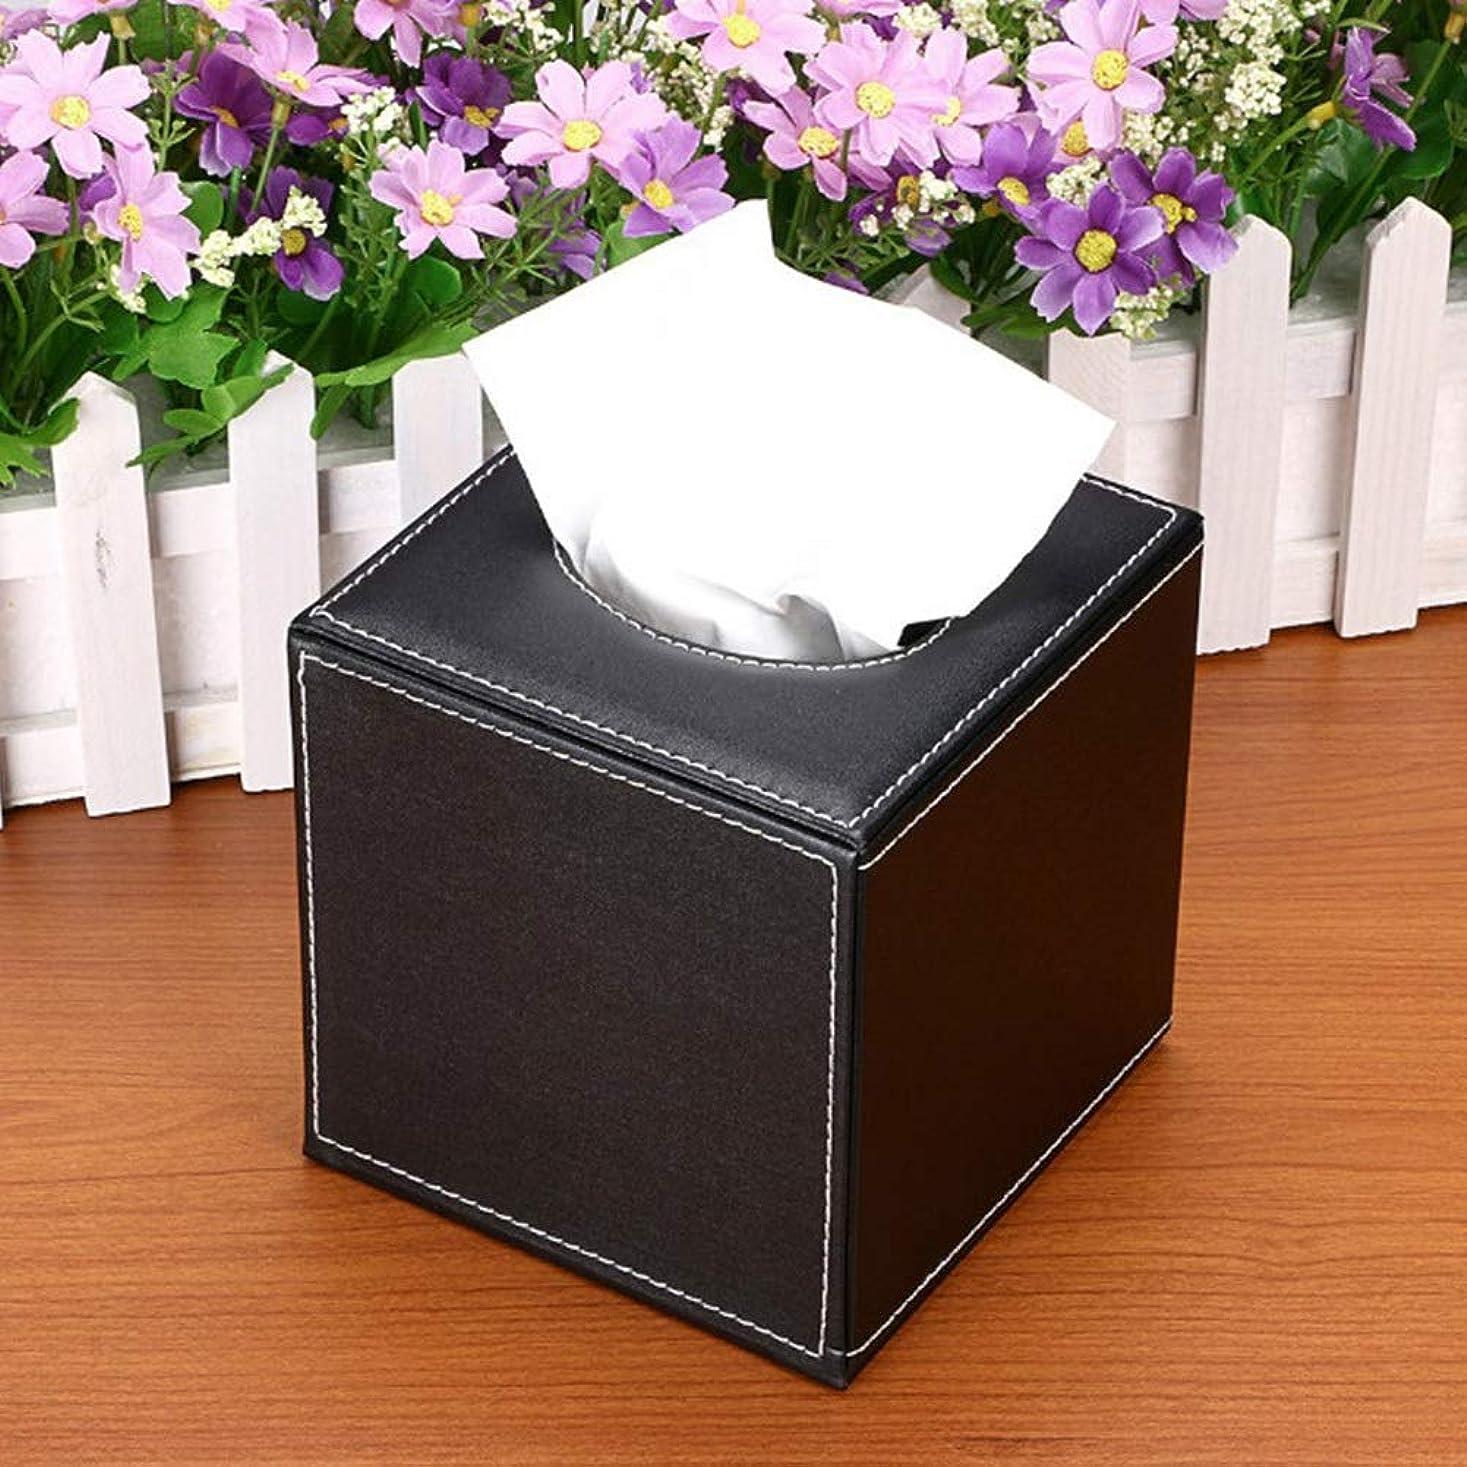 コンテストラボ熟読エレガントな正方形のティッシュボックスコンテナPUレザータオルナプキンティッシュホルダー(ブラック)